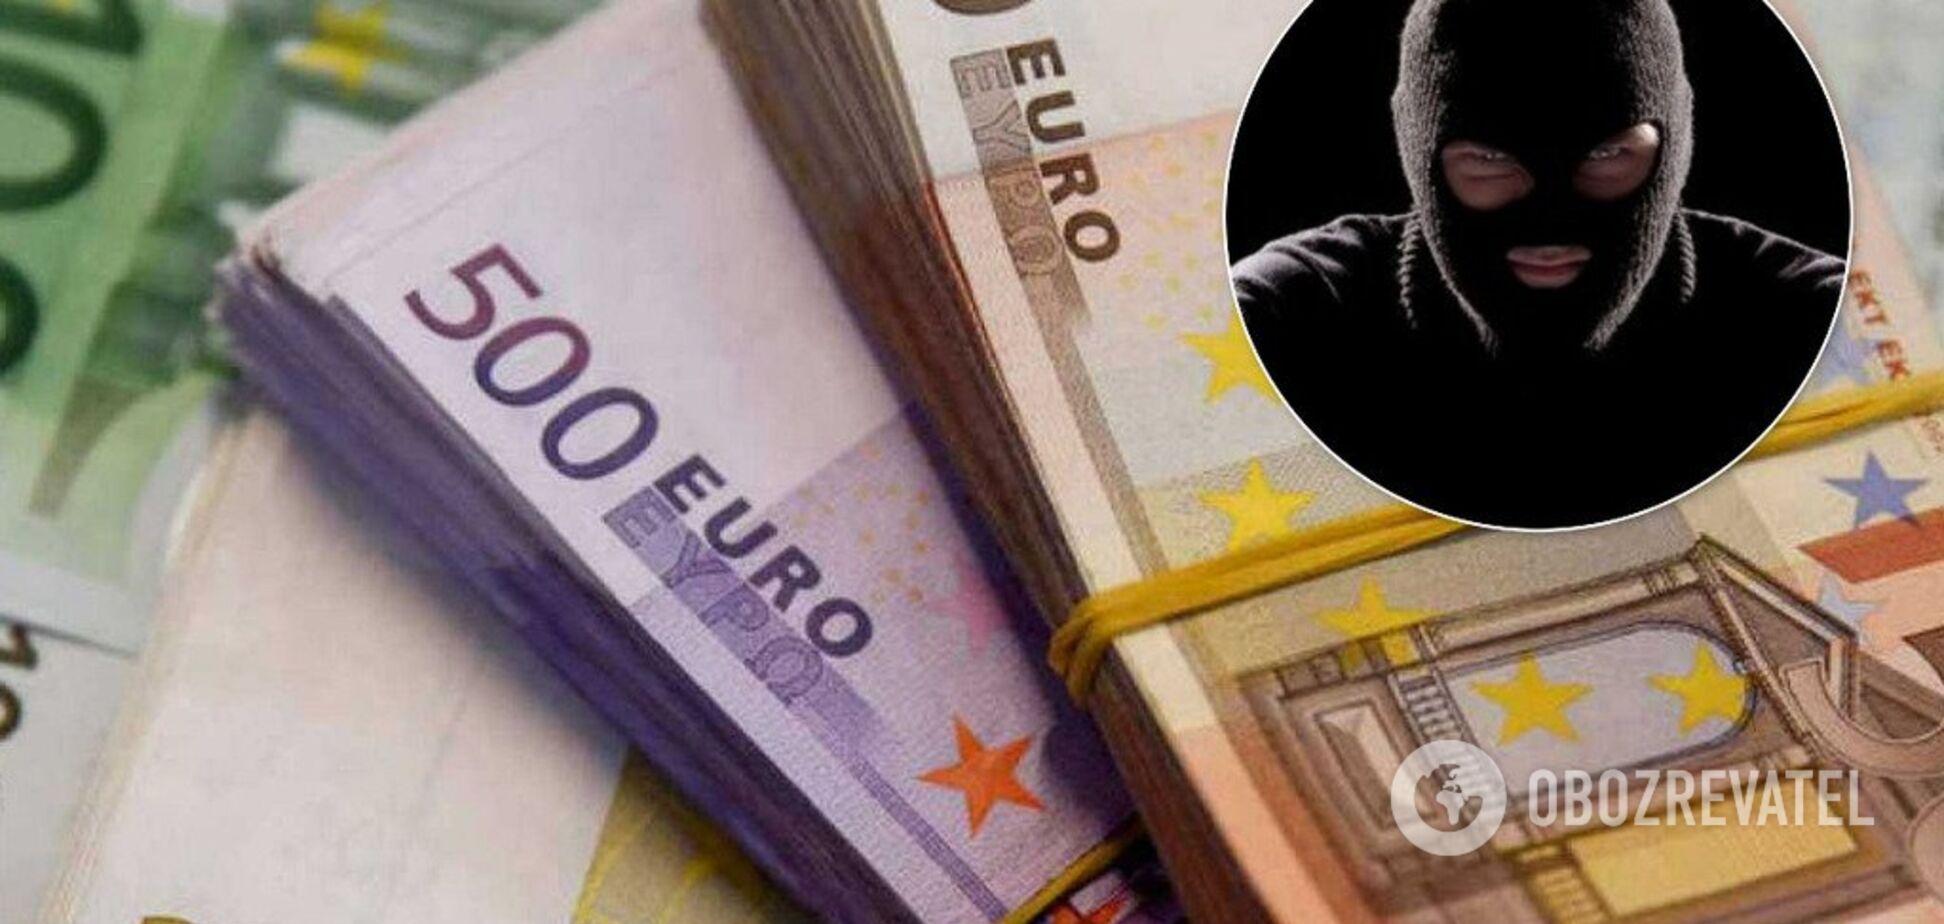 У Європі стався сплеск підробок євро: названо найбільш 'небезпечні' купюри